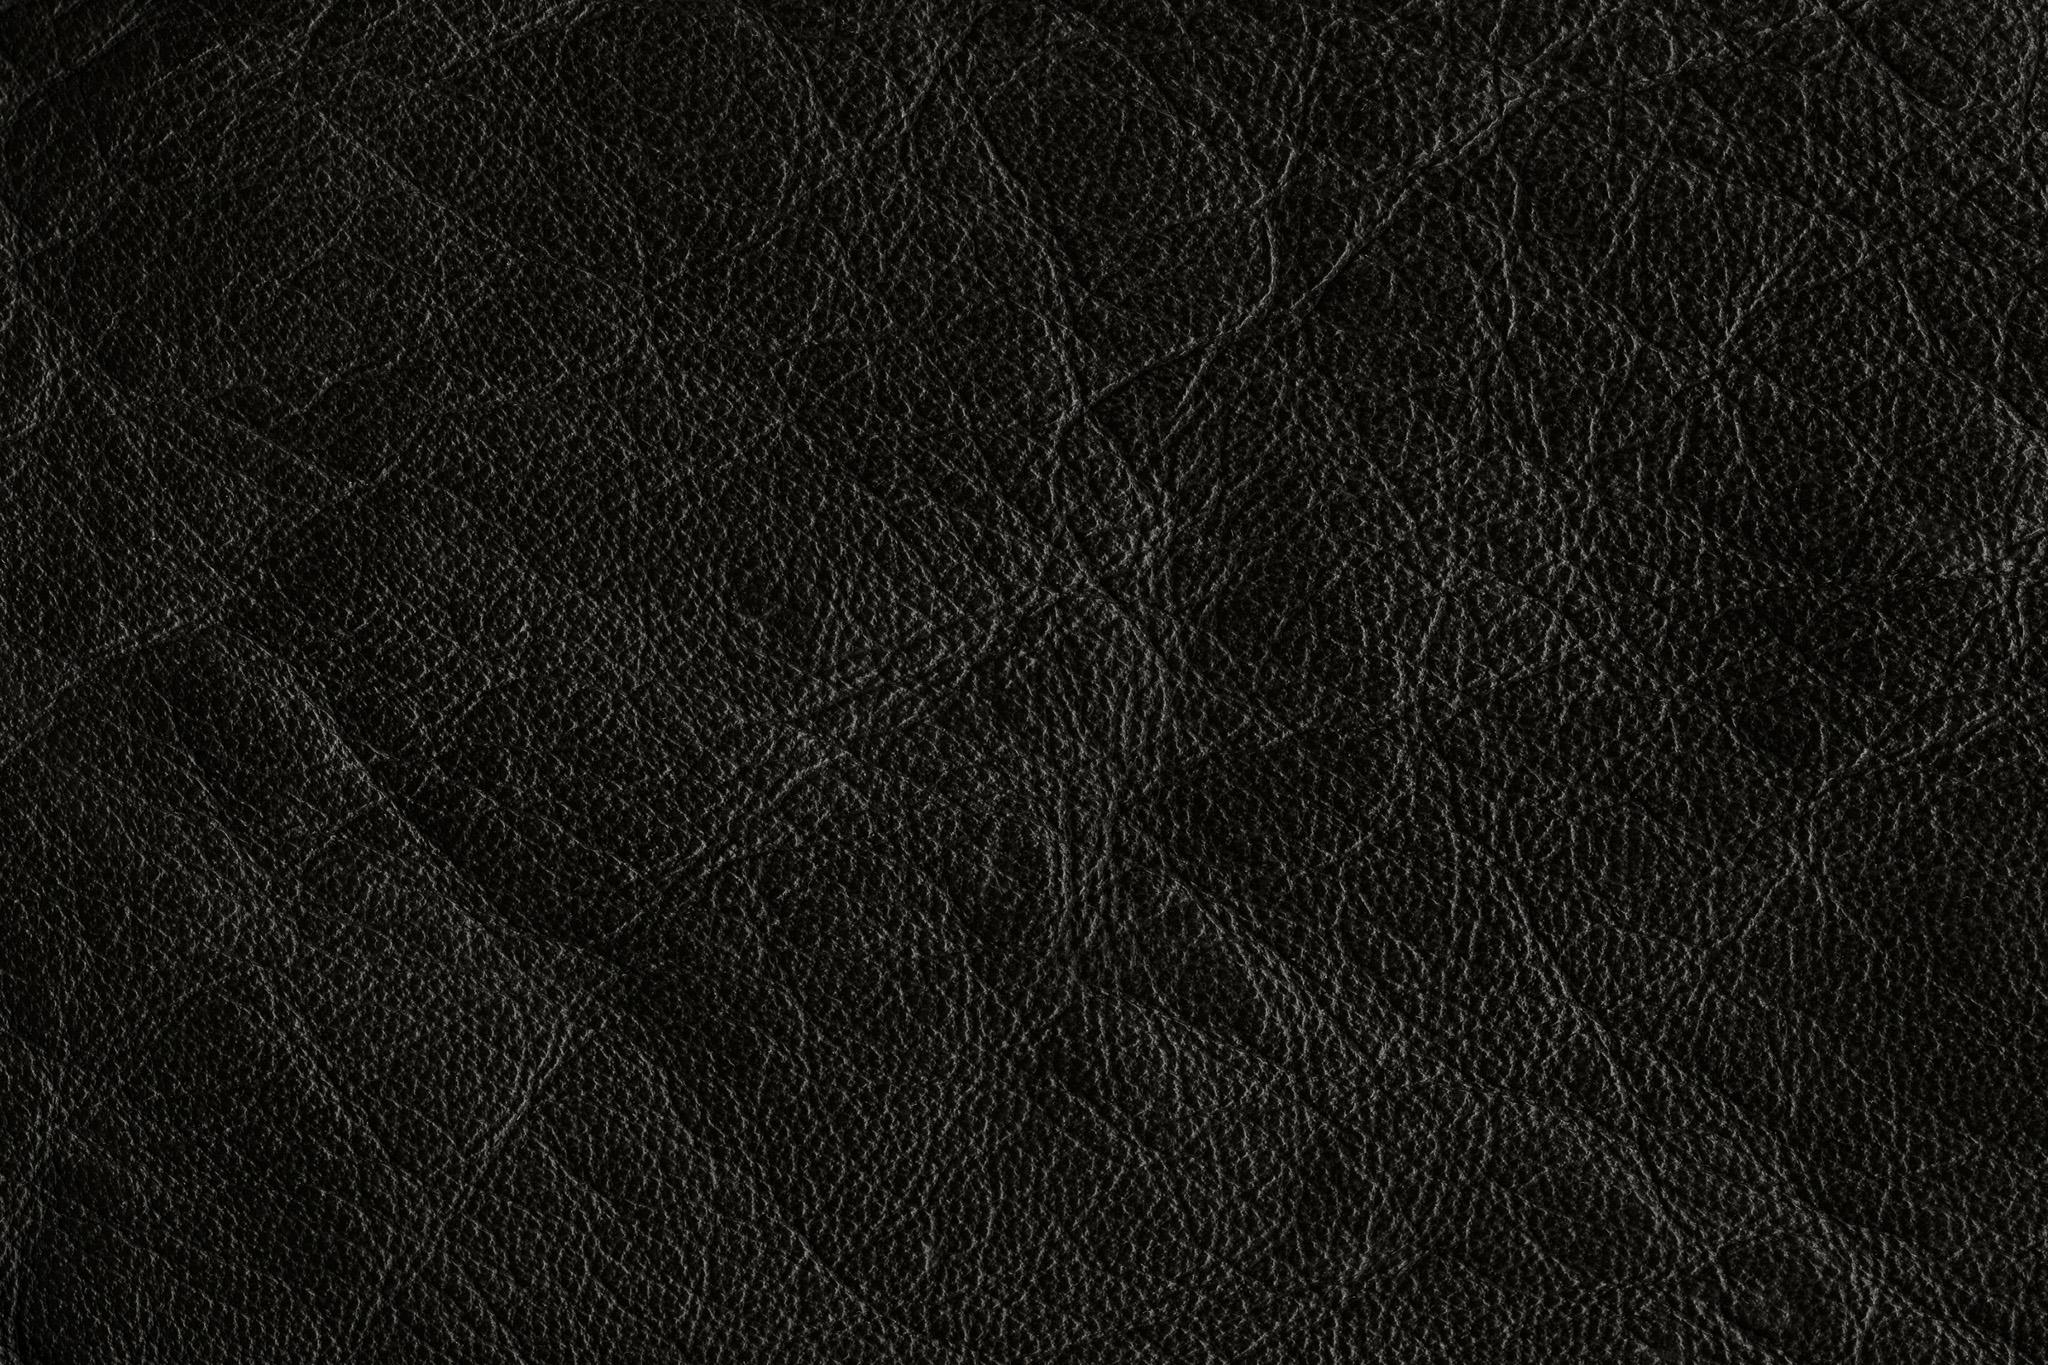 「ハードなイメージの黒いレザー」の素材を無料ダウンロード